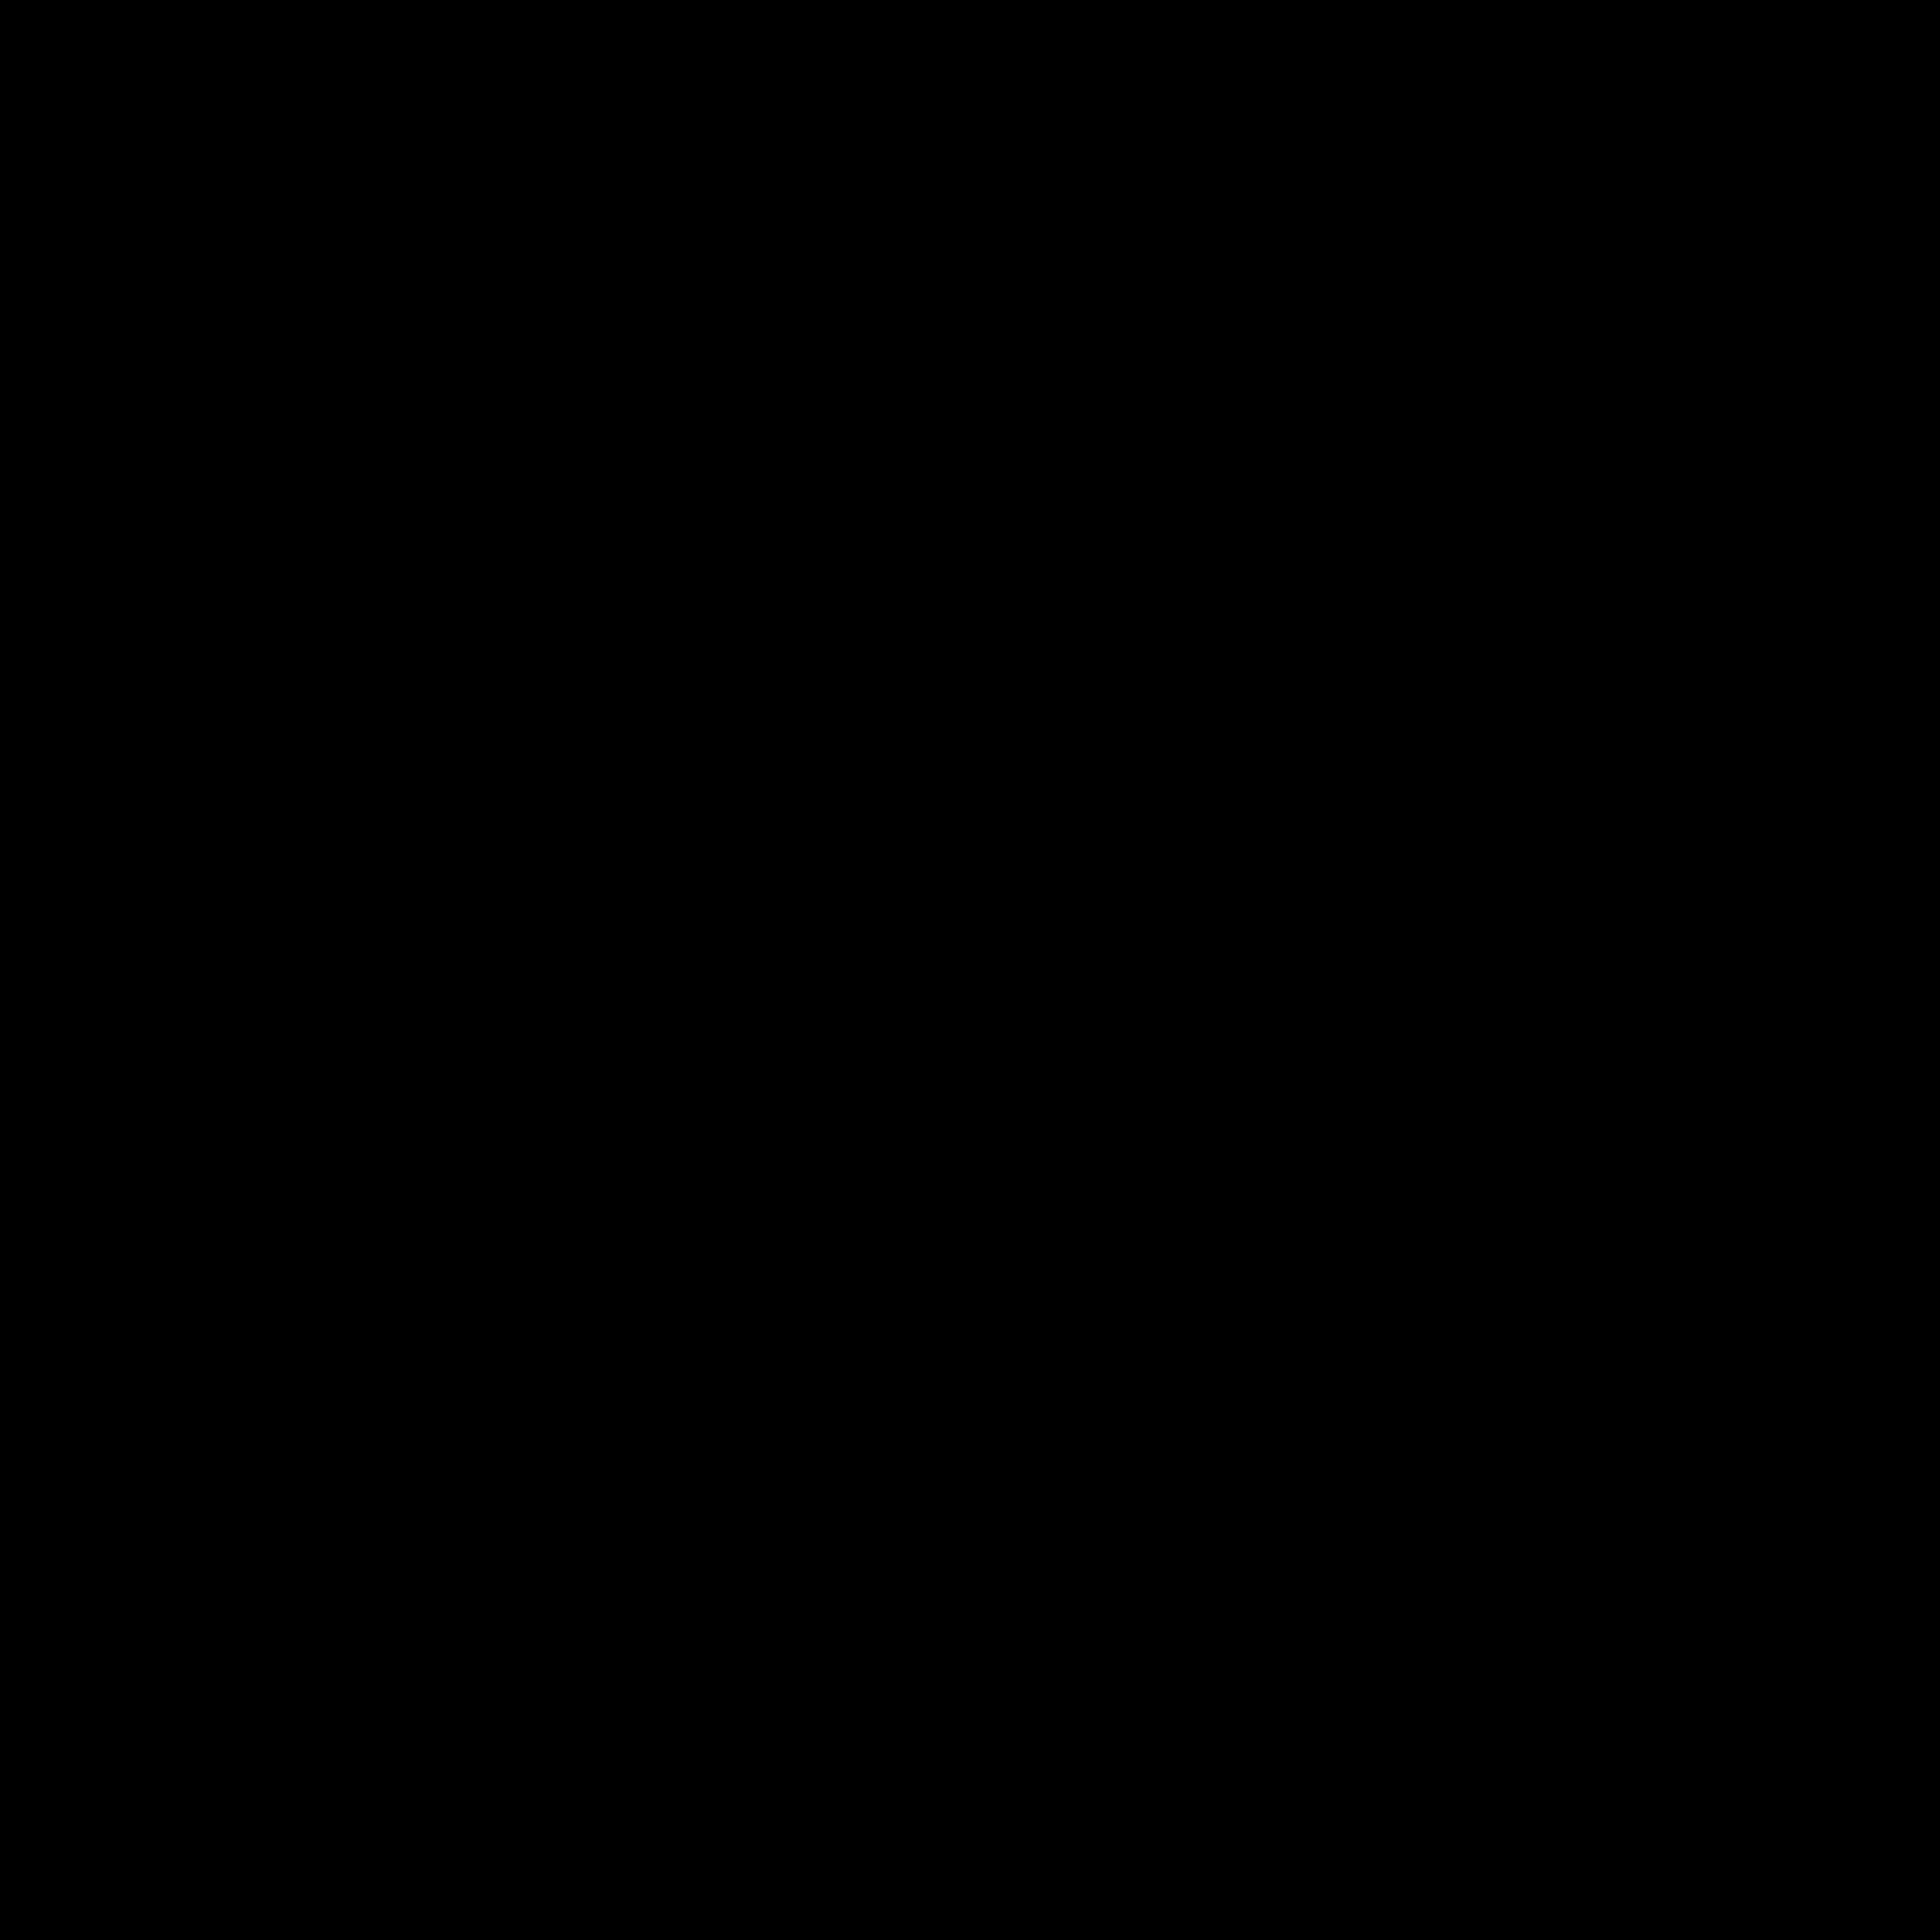 apple-4096-black.png